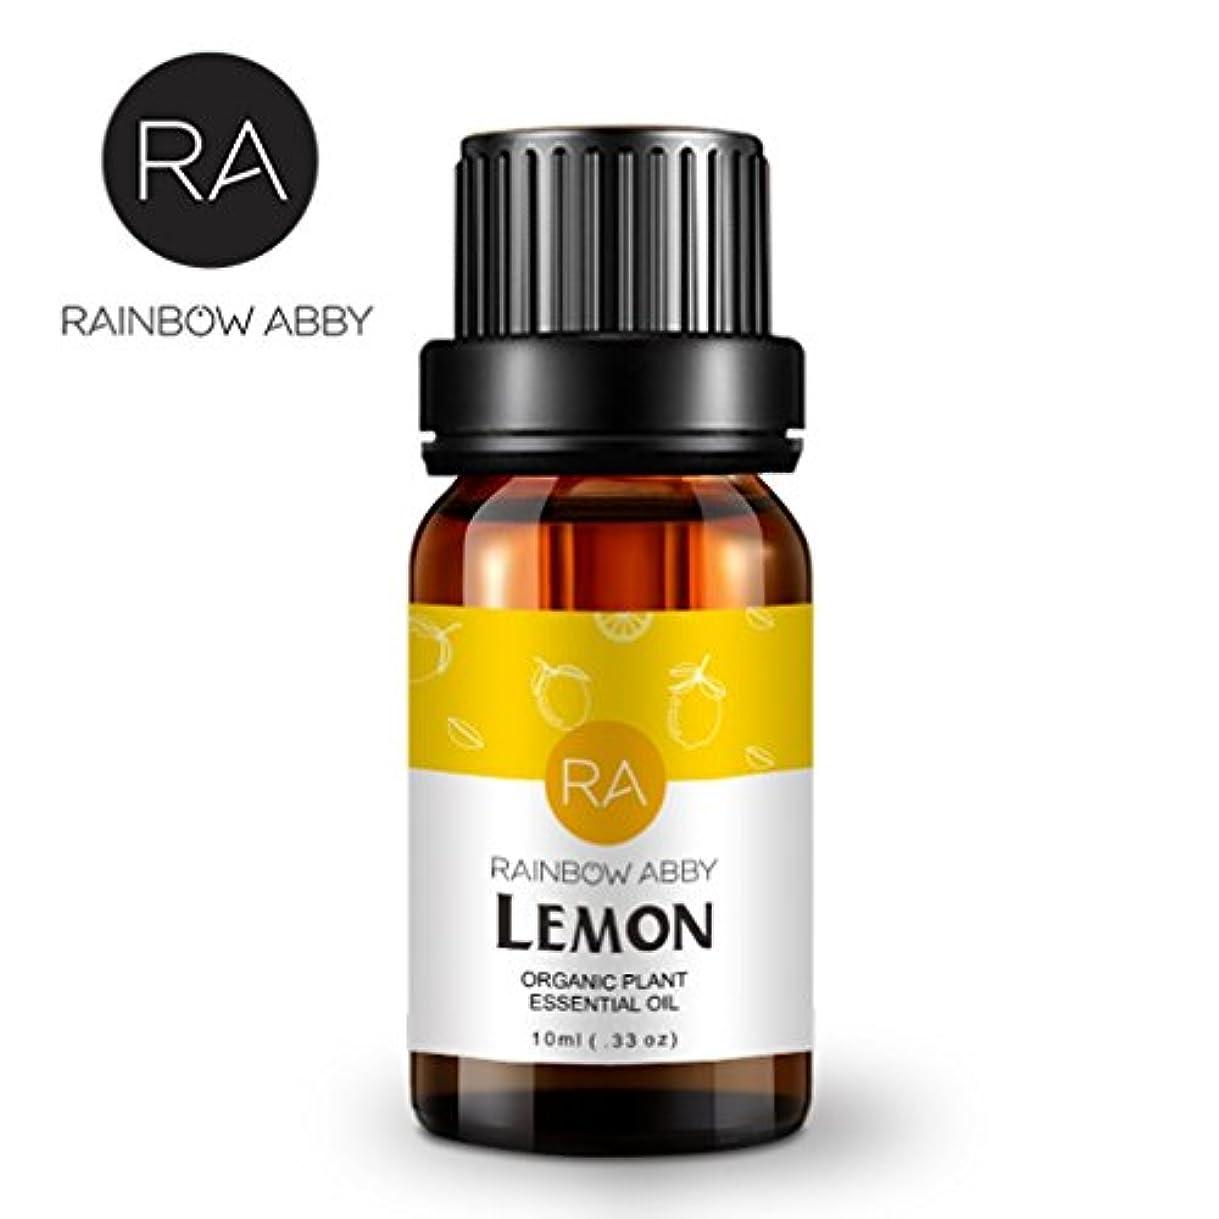 リテラシーニンニク道徳RAINBOW ABBY 精油 アロマテラピー ナウ ピュア 有機 精油 セット ディフューザー用 レモン